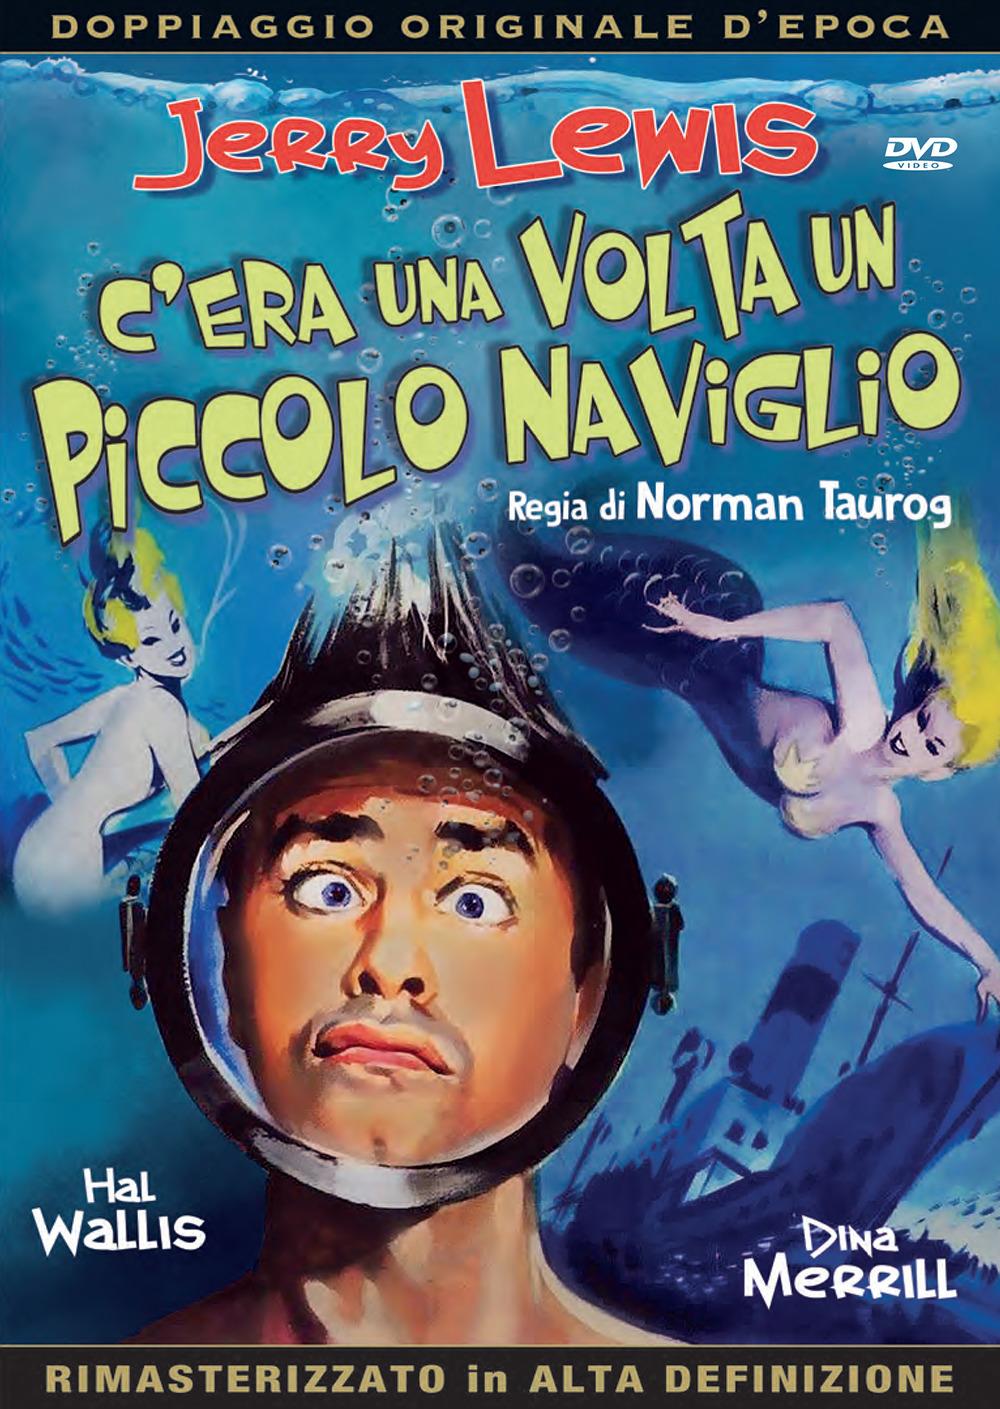 C'ERA UNA VOLTA UN PICCOLO NAVIGLIO (DVD)